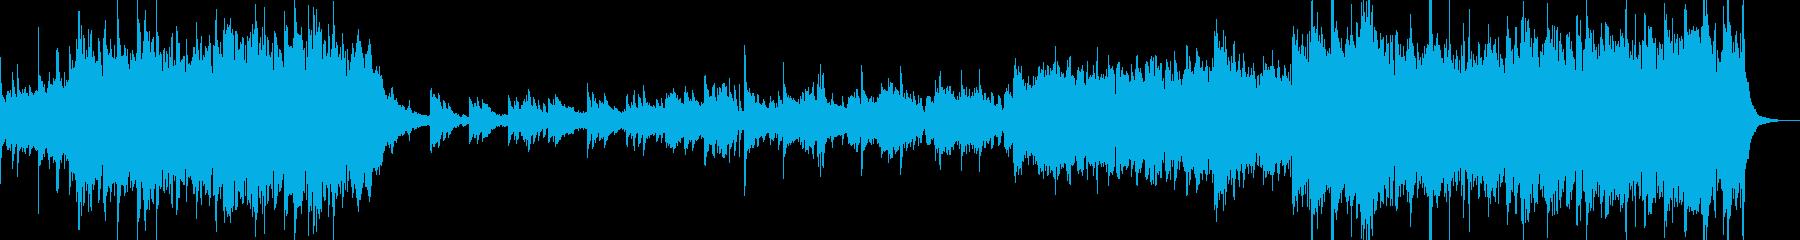 アイリッシュ風の明るく元気なメロディーの再生済みの波形